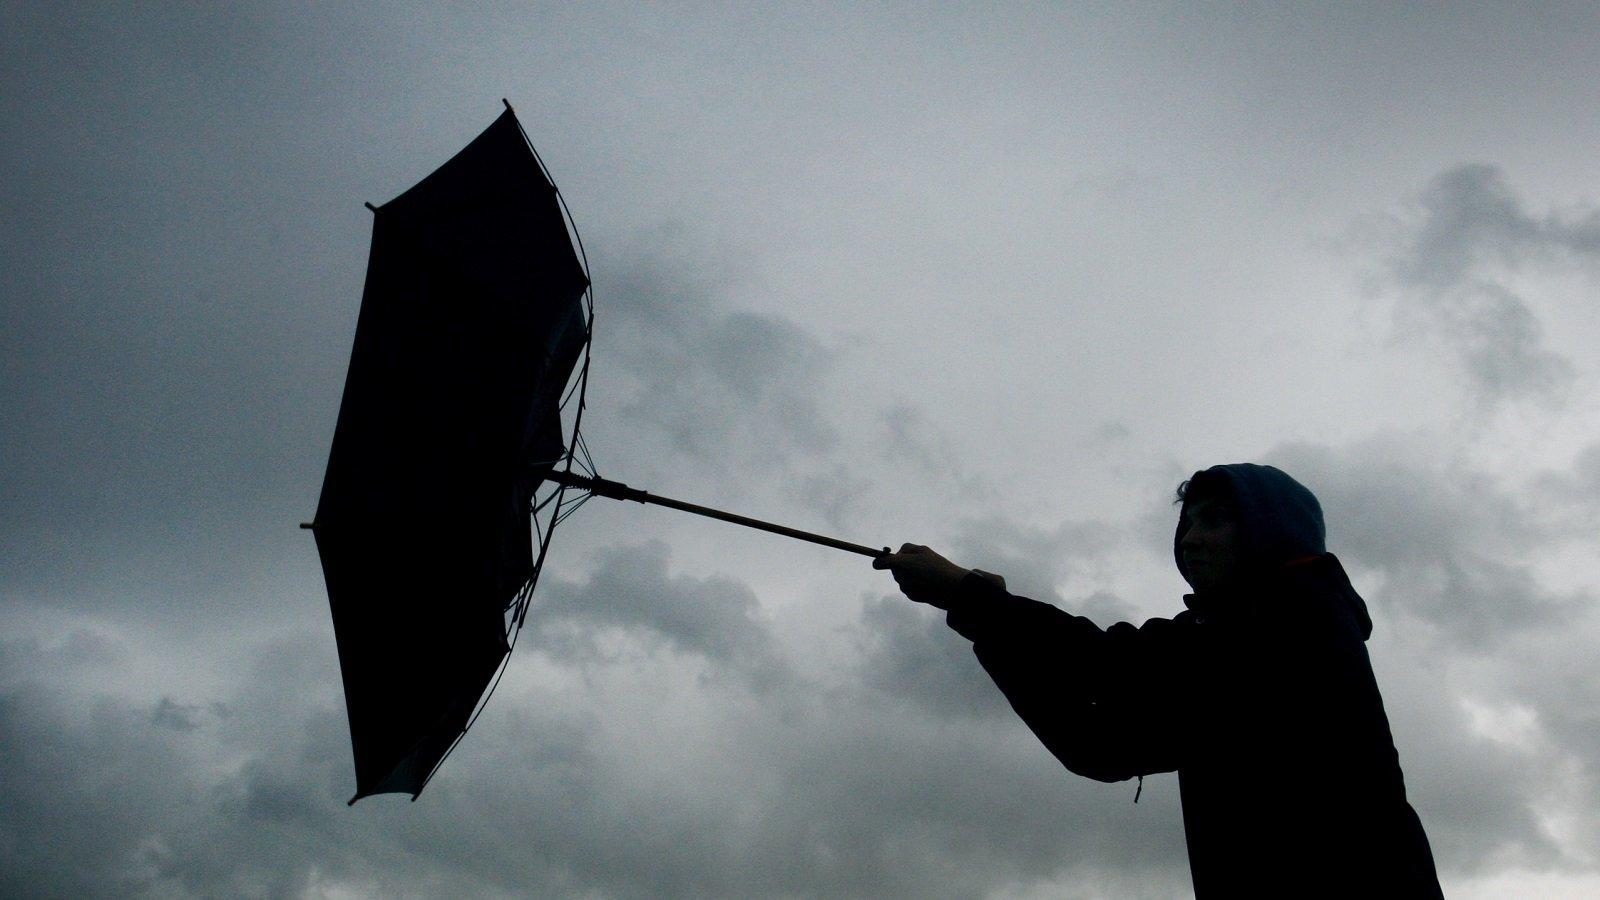 Ростуризм: до5 января включительно вТаиланде объявлено штормовое предупреждение